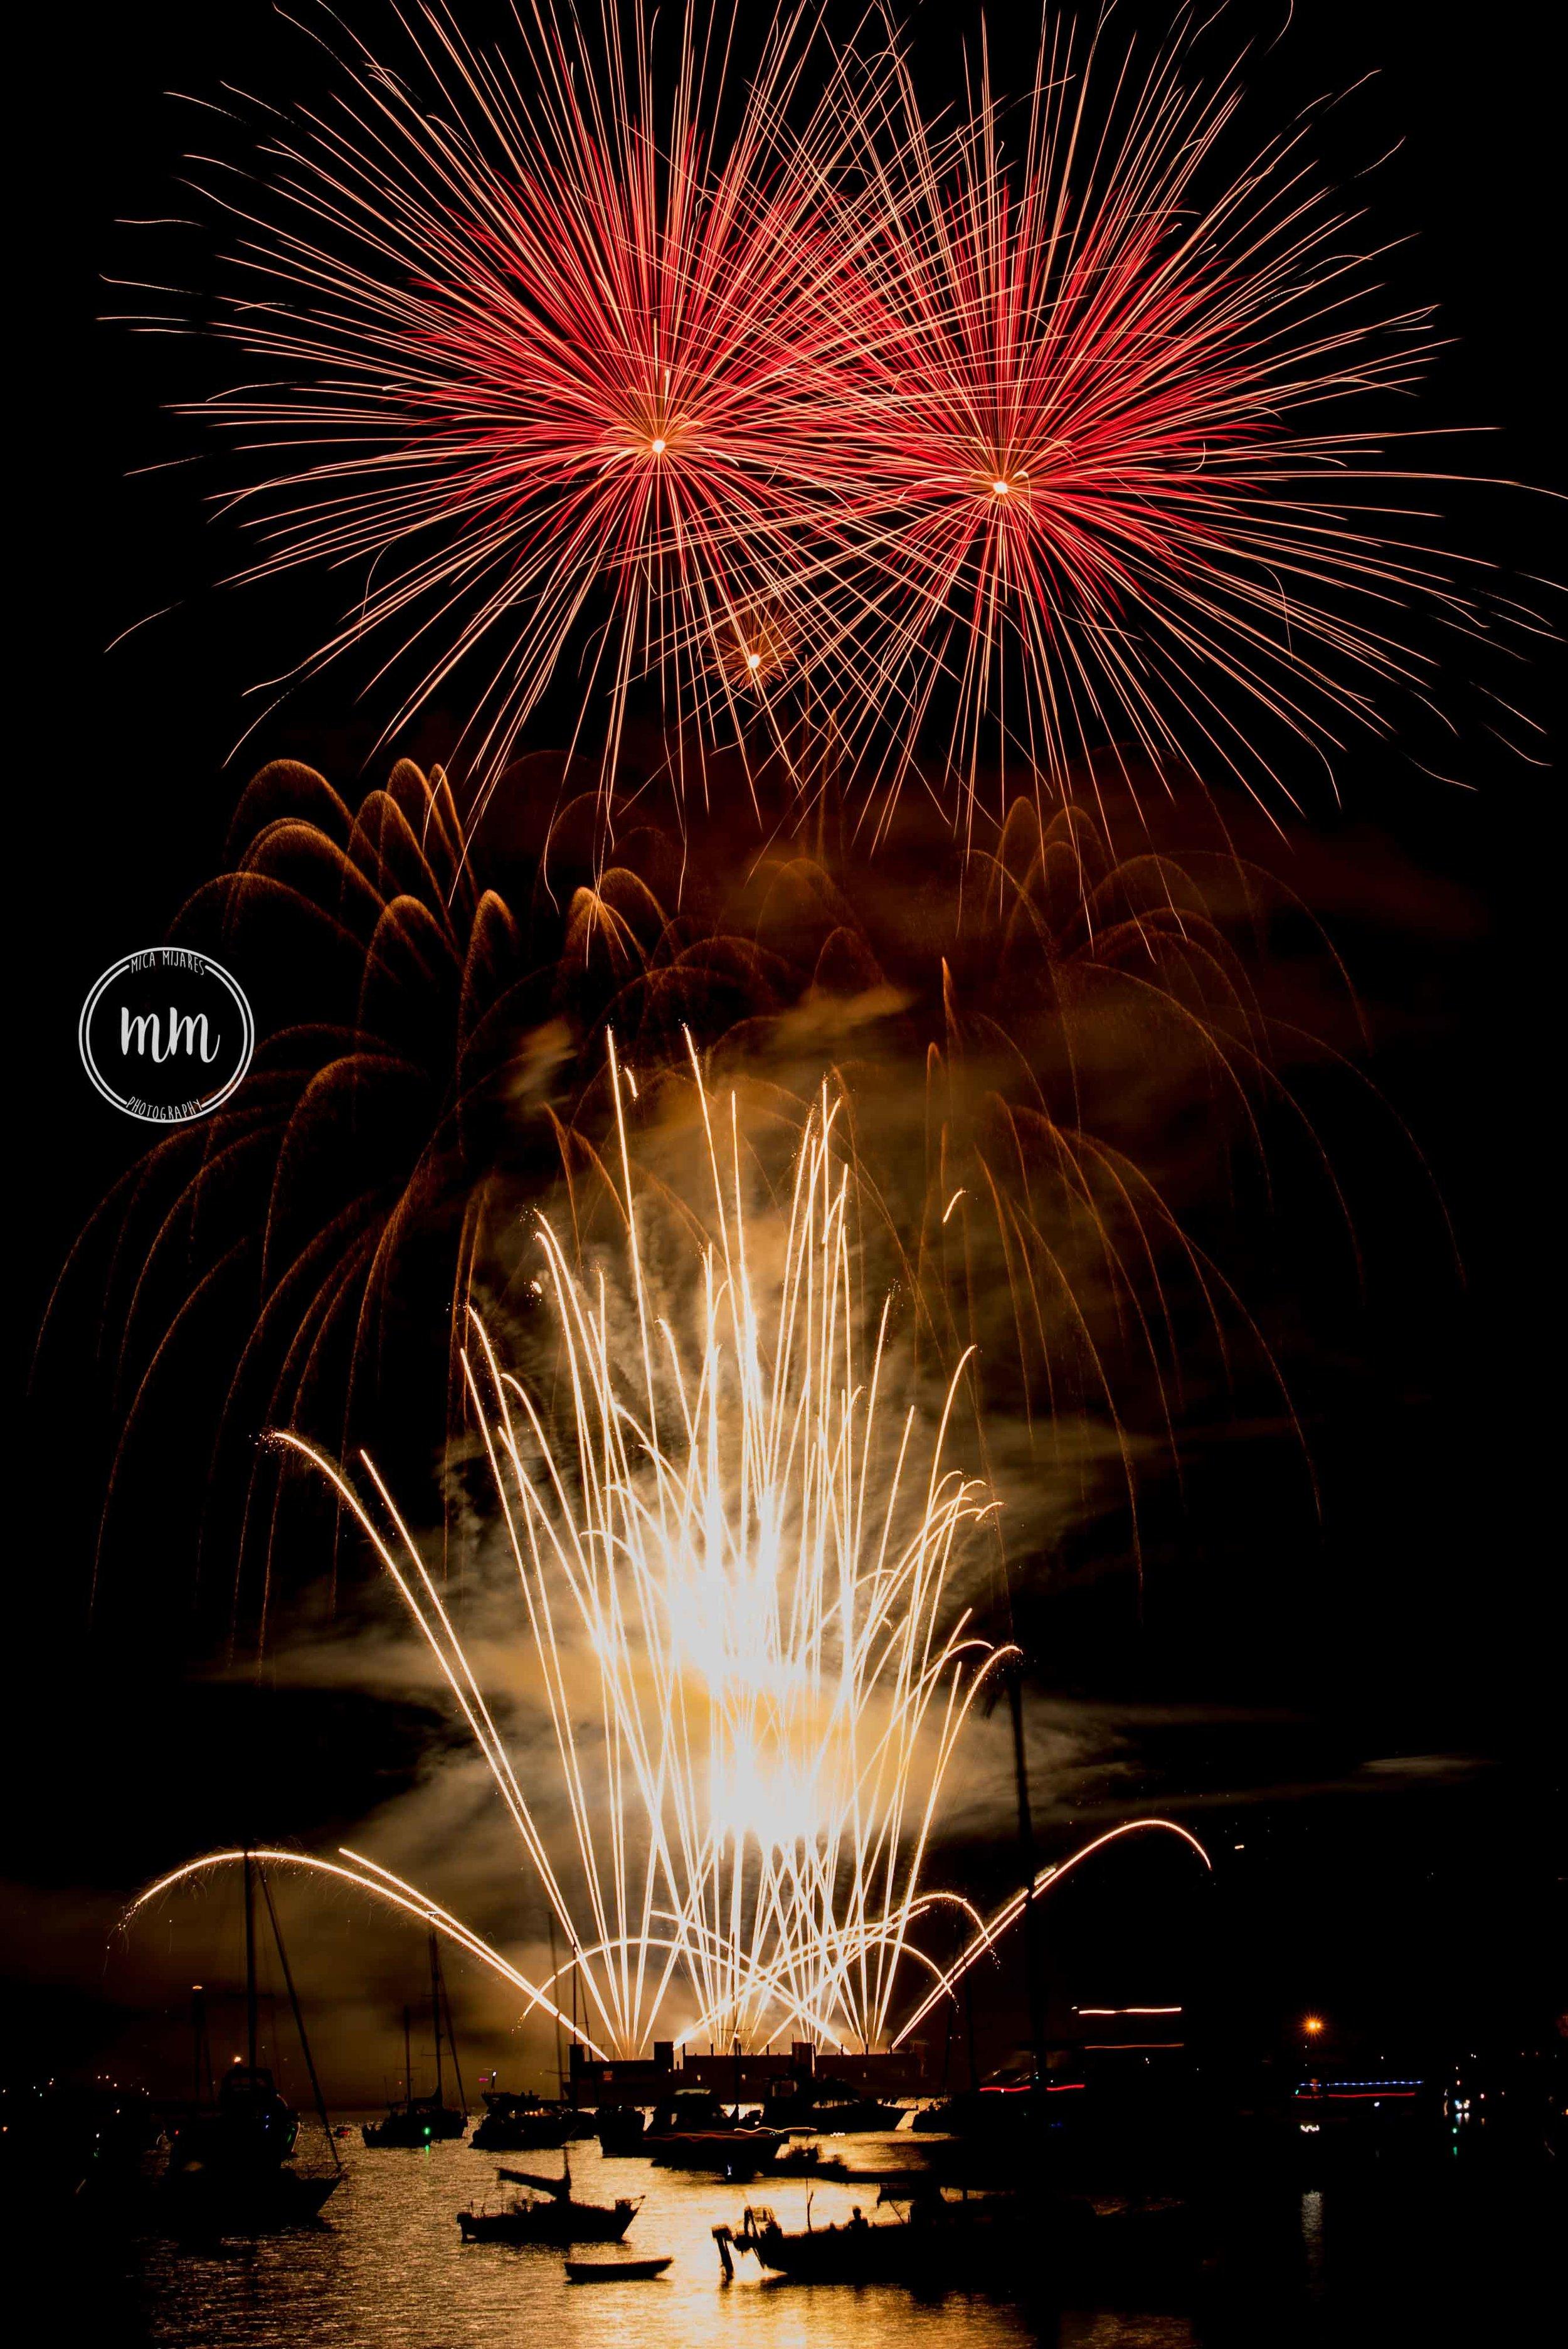 ukfireworks-MicaMijaresPhotography-6.jpg